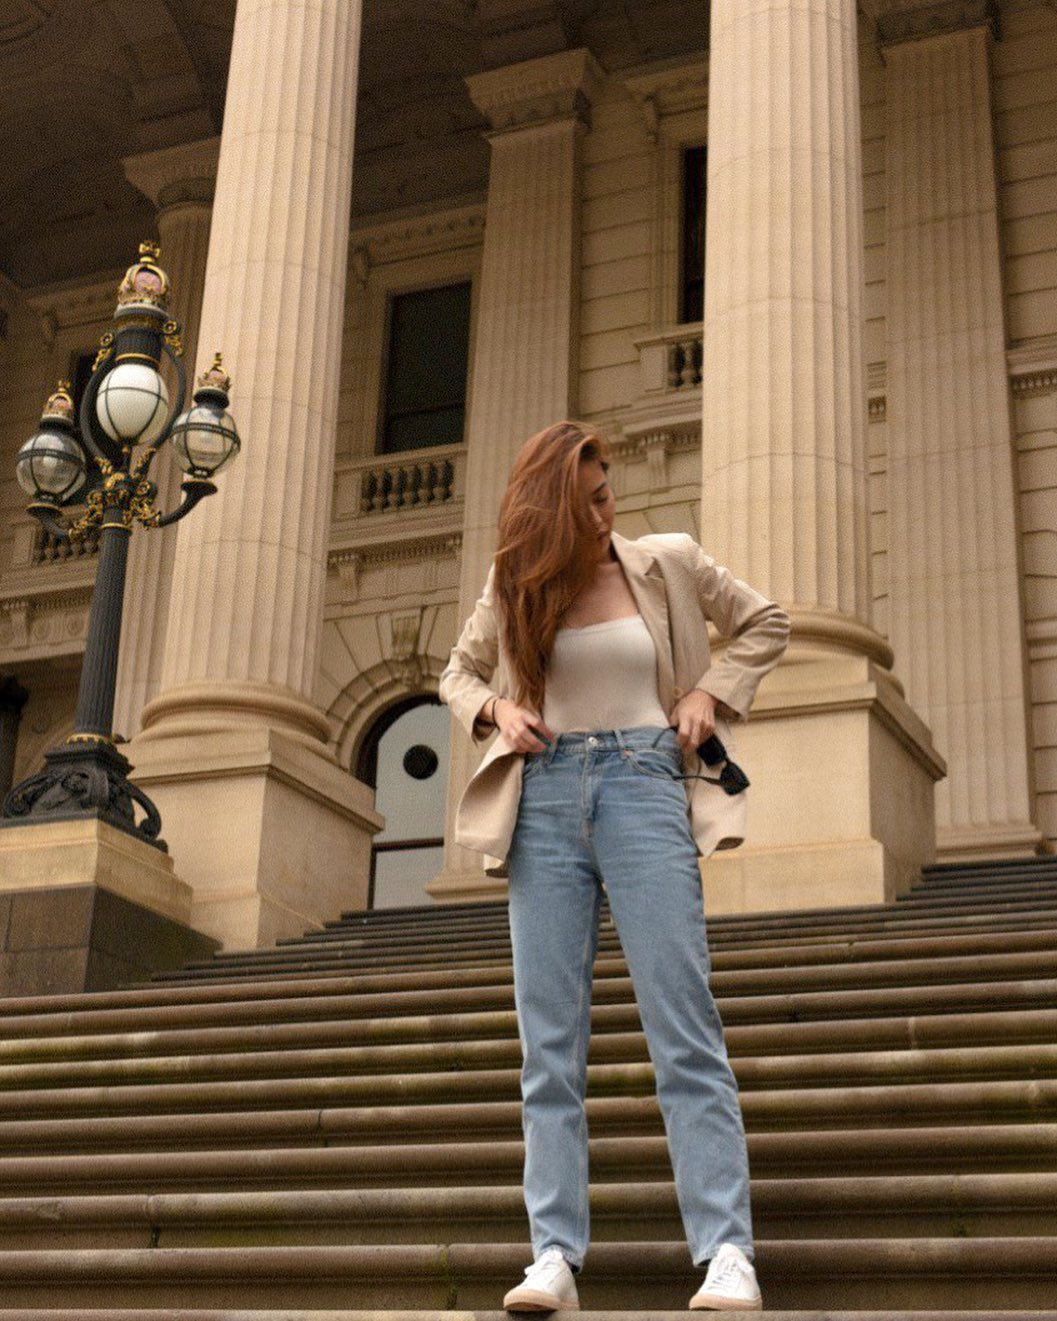 arisse mặc đẹp với quần mom jeans phong cách thời trang retro oldschool